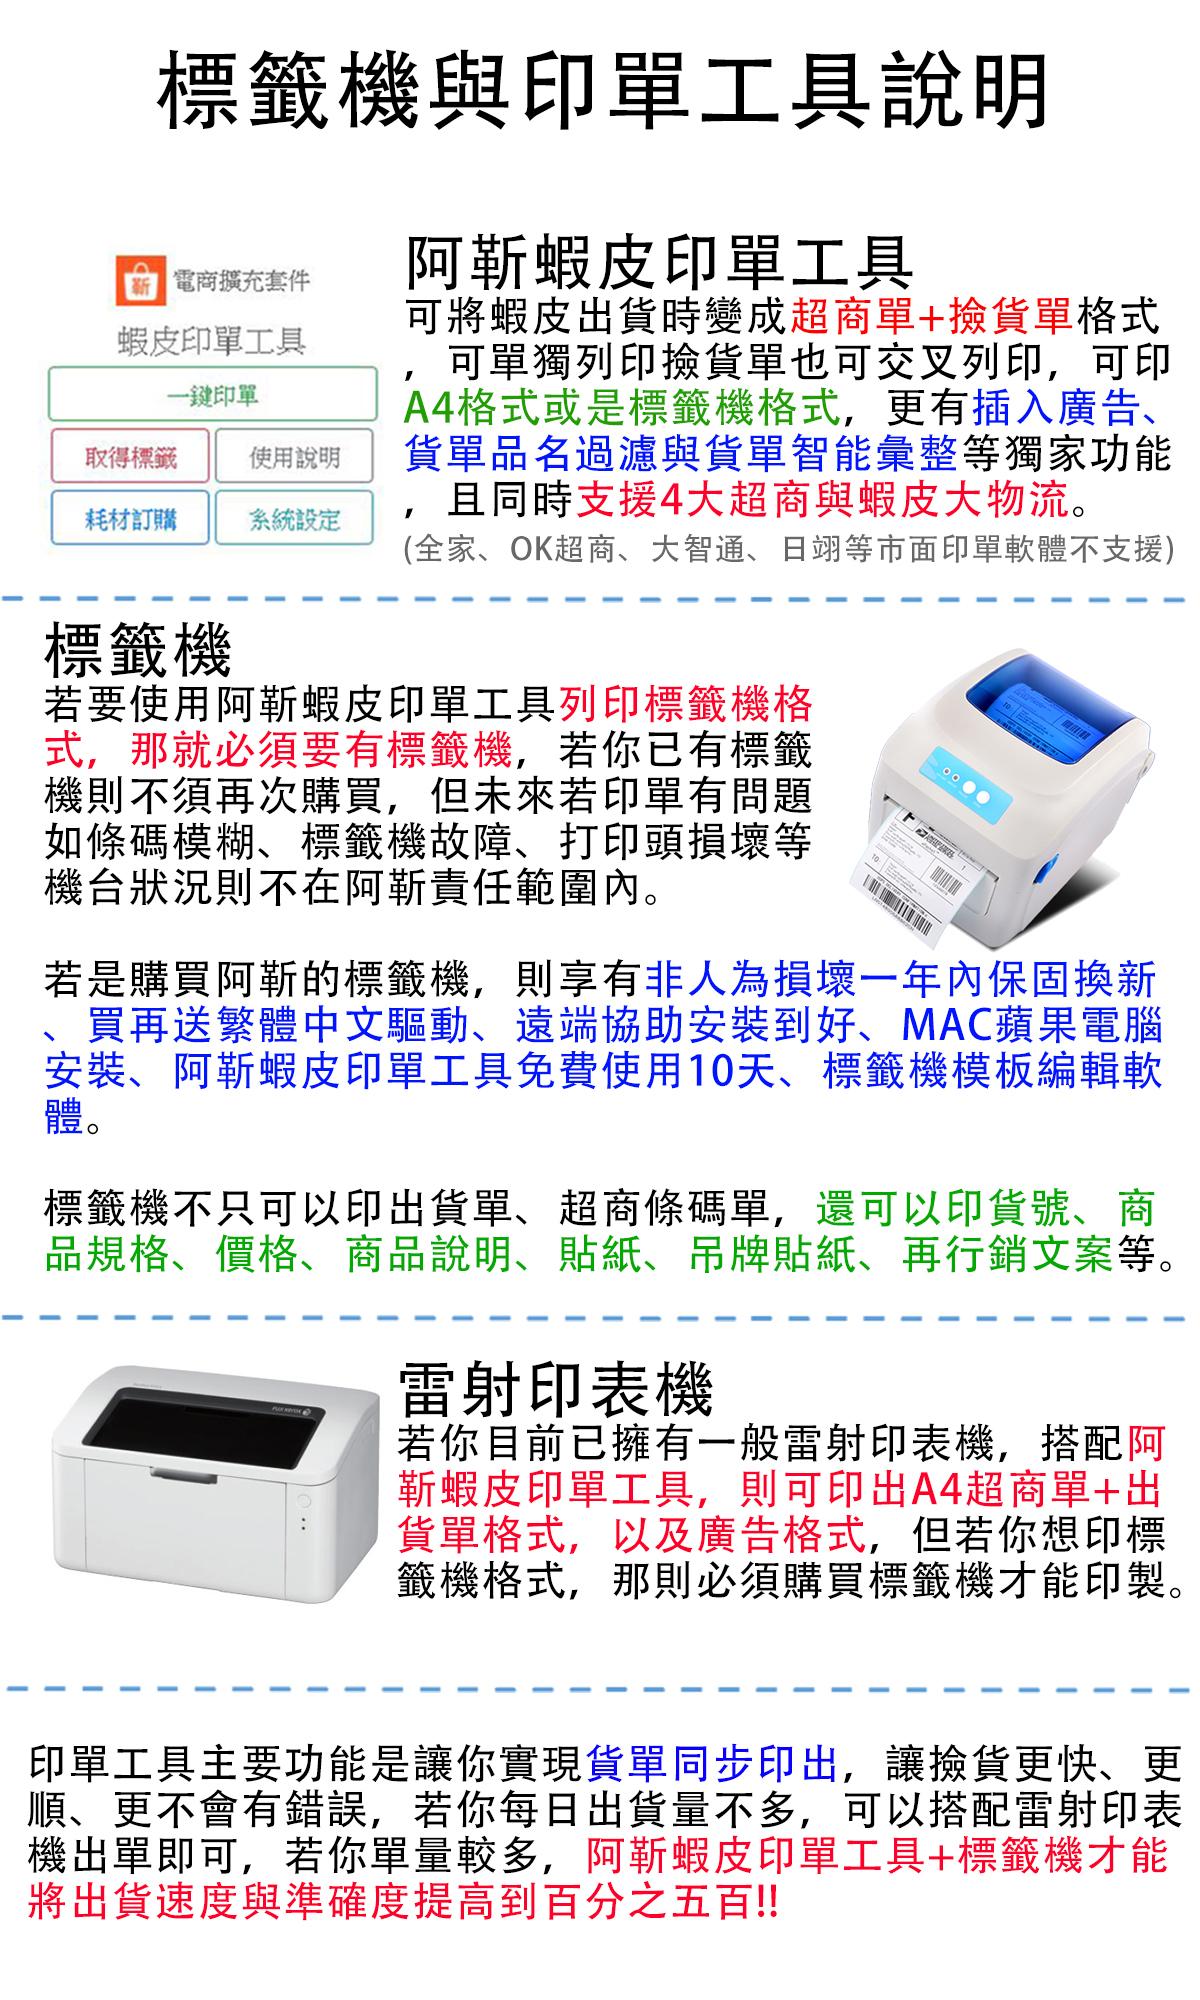 標籤機與印單工具說明.jpg